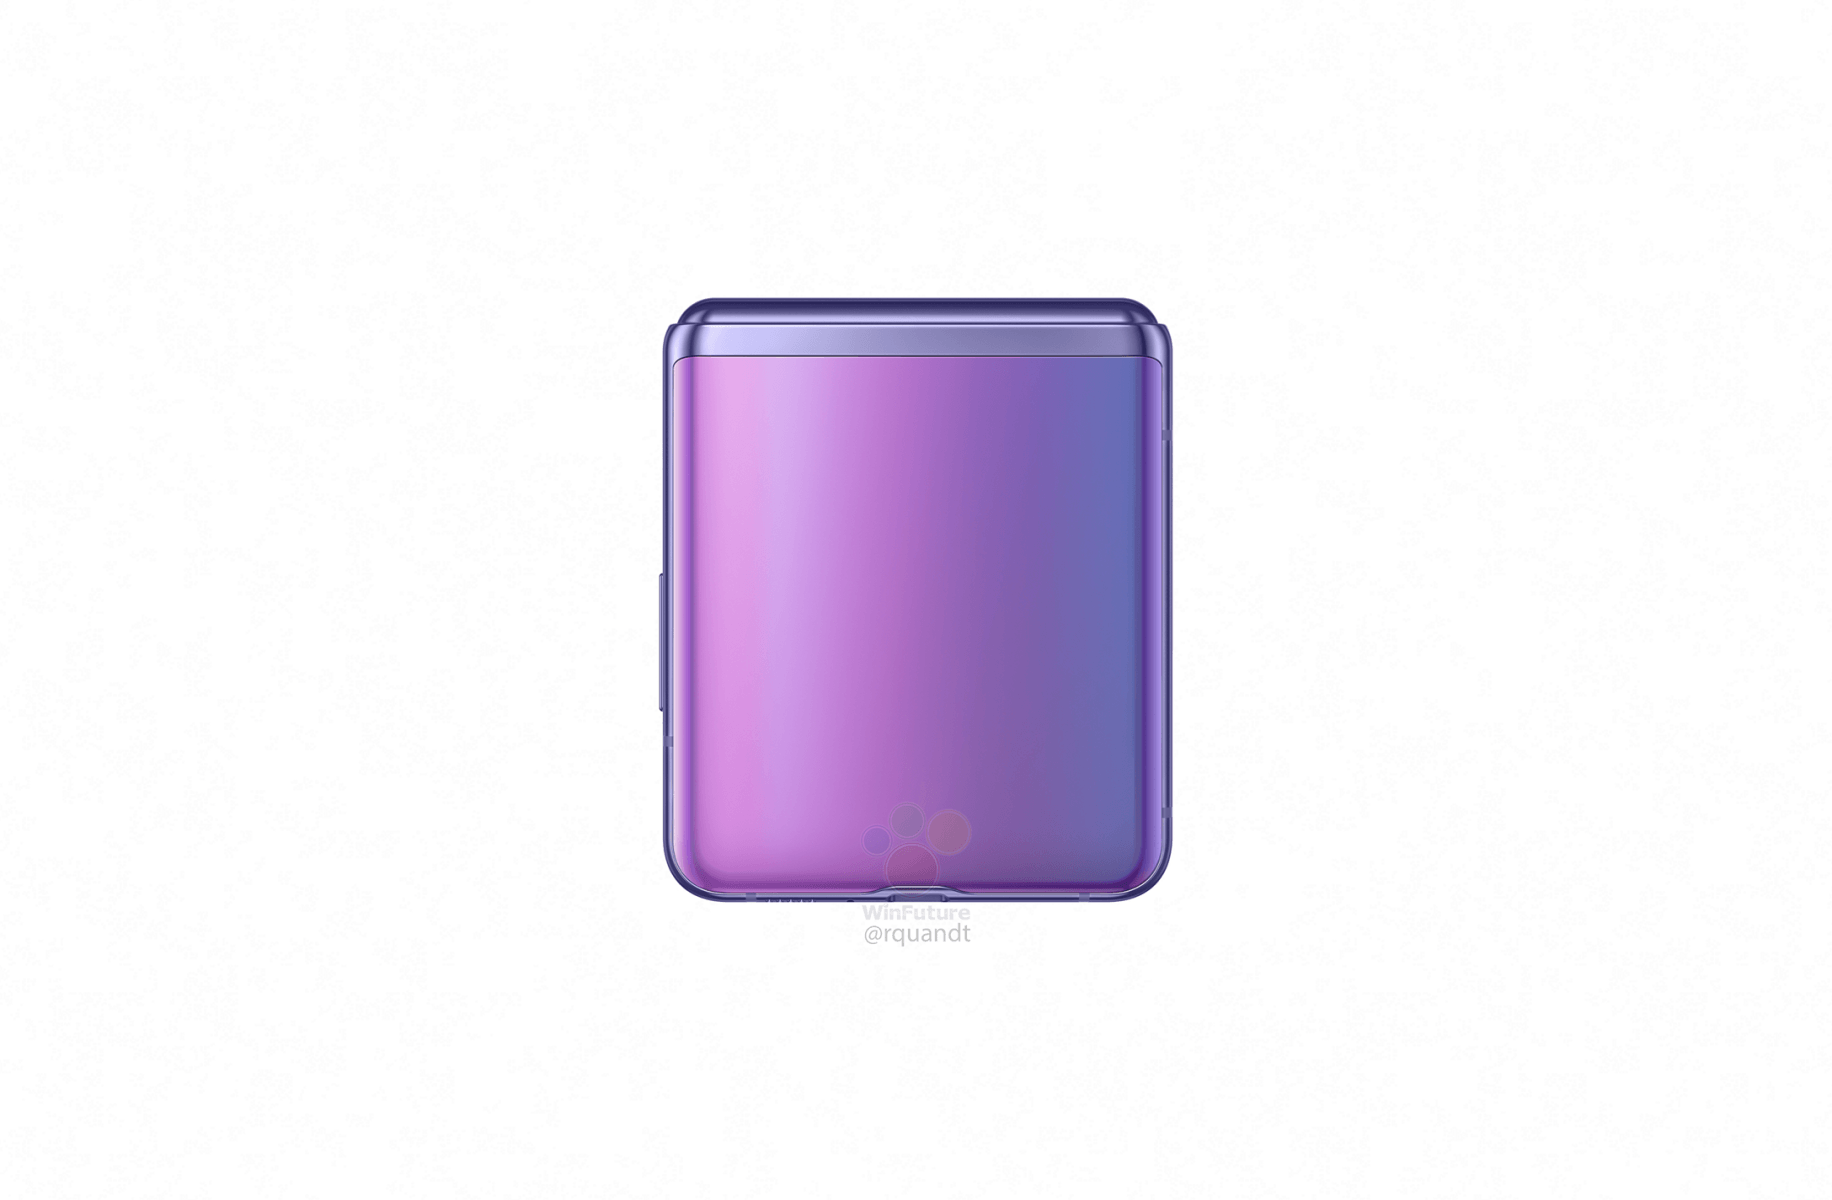 Image: Samsung, Winfuture.de